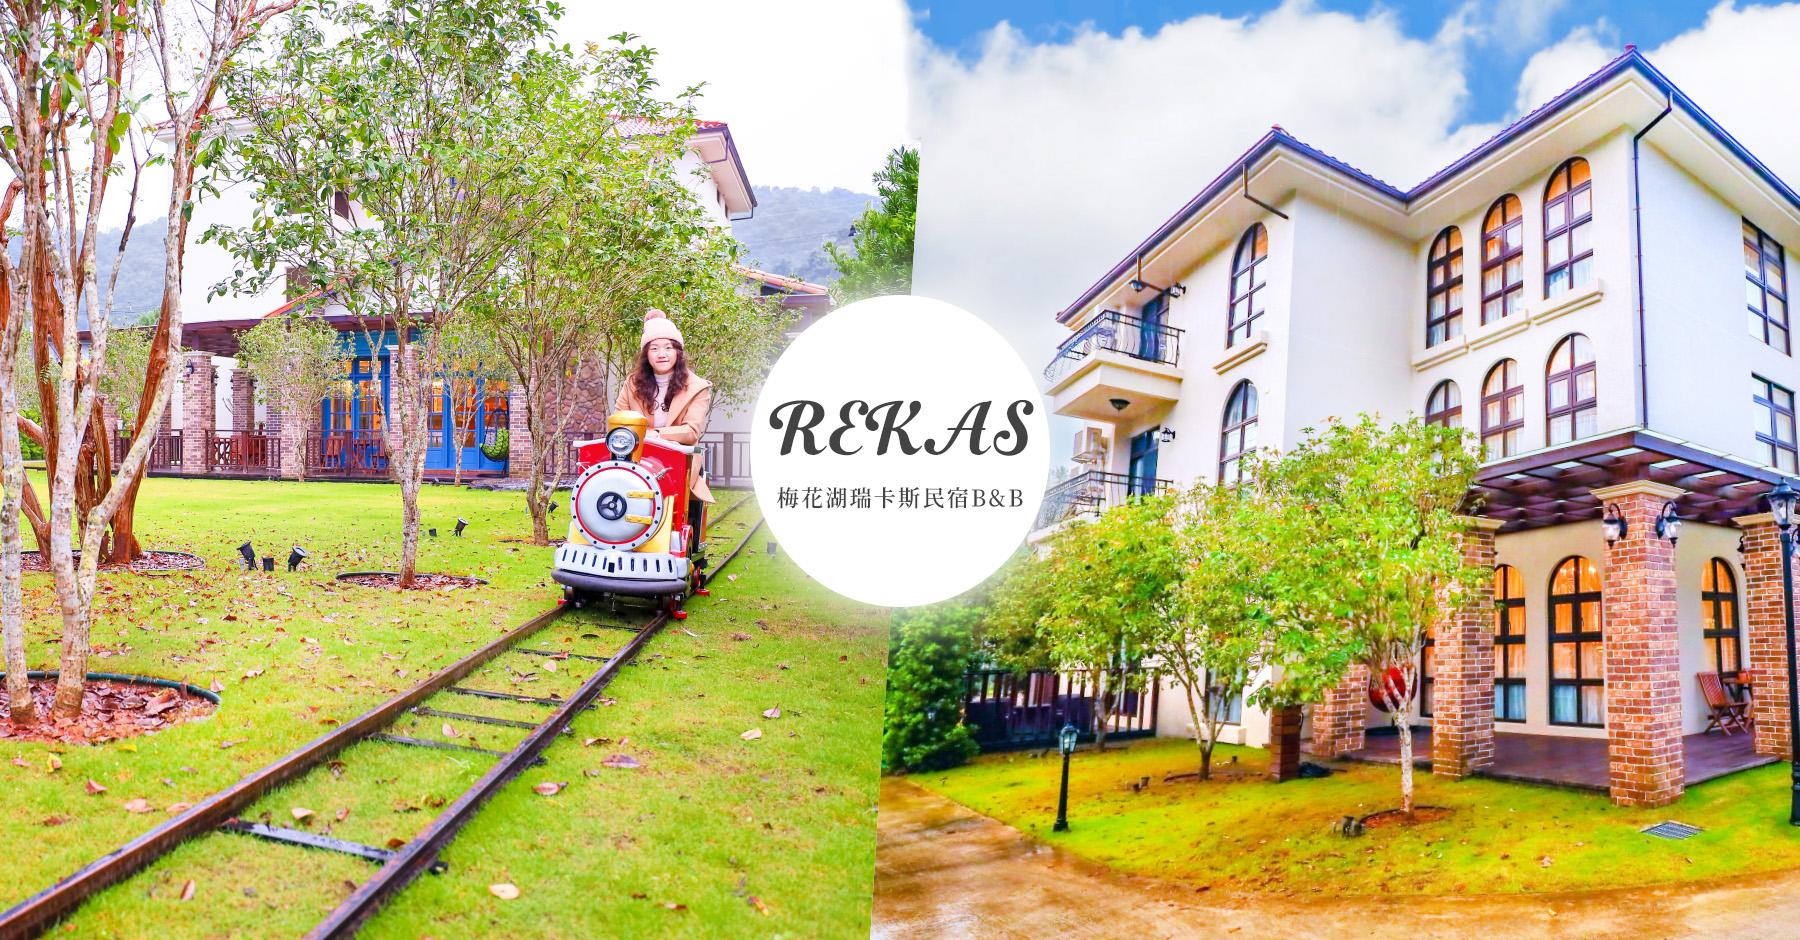 宜蘭梅花湖畔親子民宿推薦|瑞卡斯鄉村民宿|必玩小火車和山坡滑草場包棟烤肉